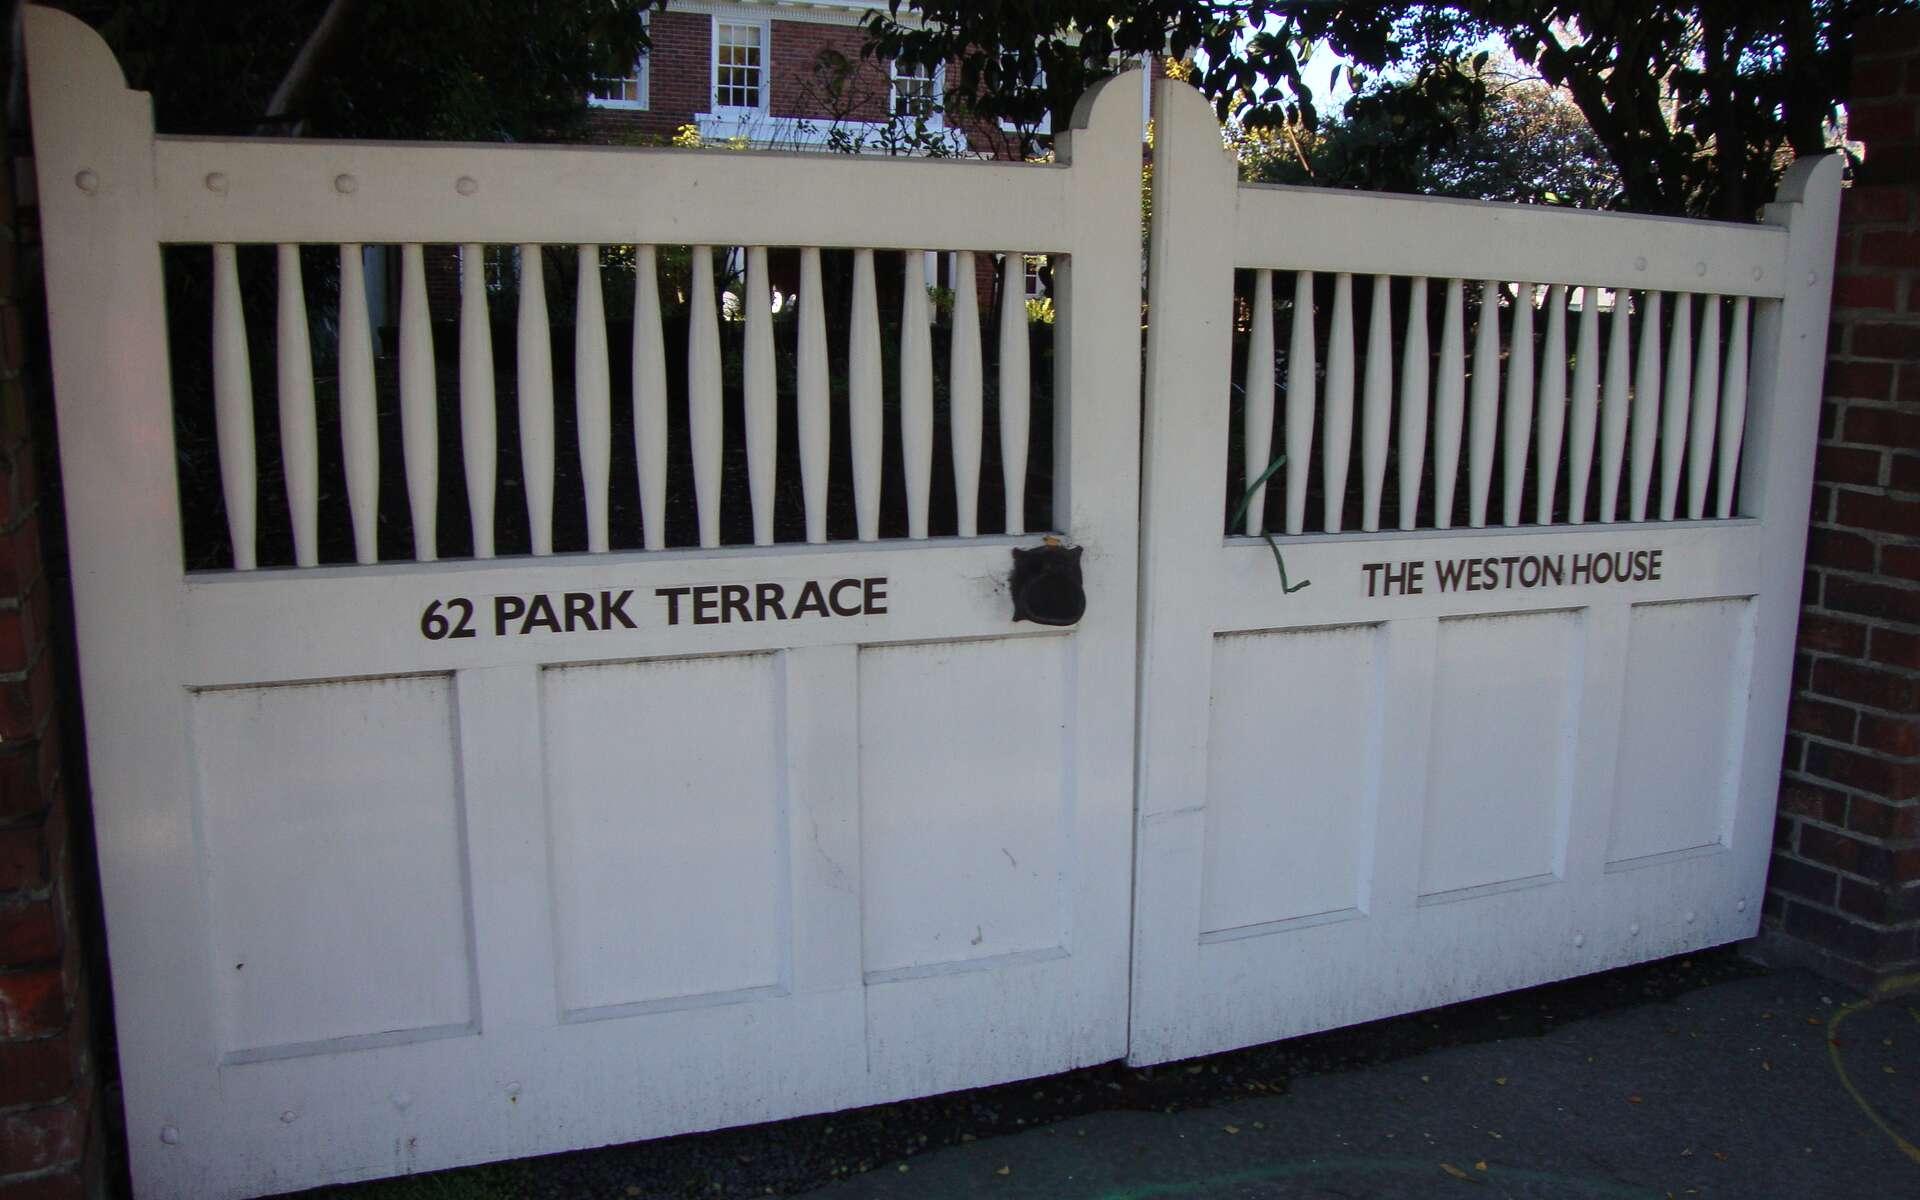 Un portail en PVC coulissant apporte la sécurité et est facile d'utilisation. © Schwede66, Wikimedia CC-BY-SA-3.0